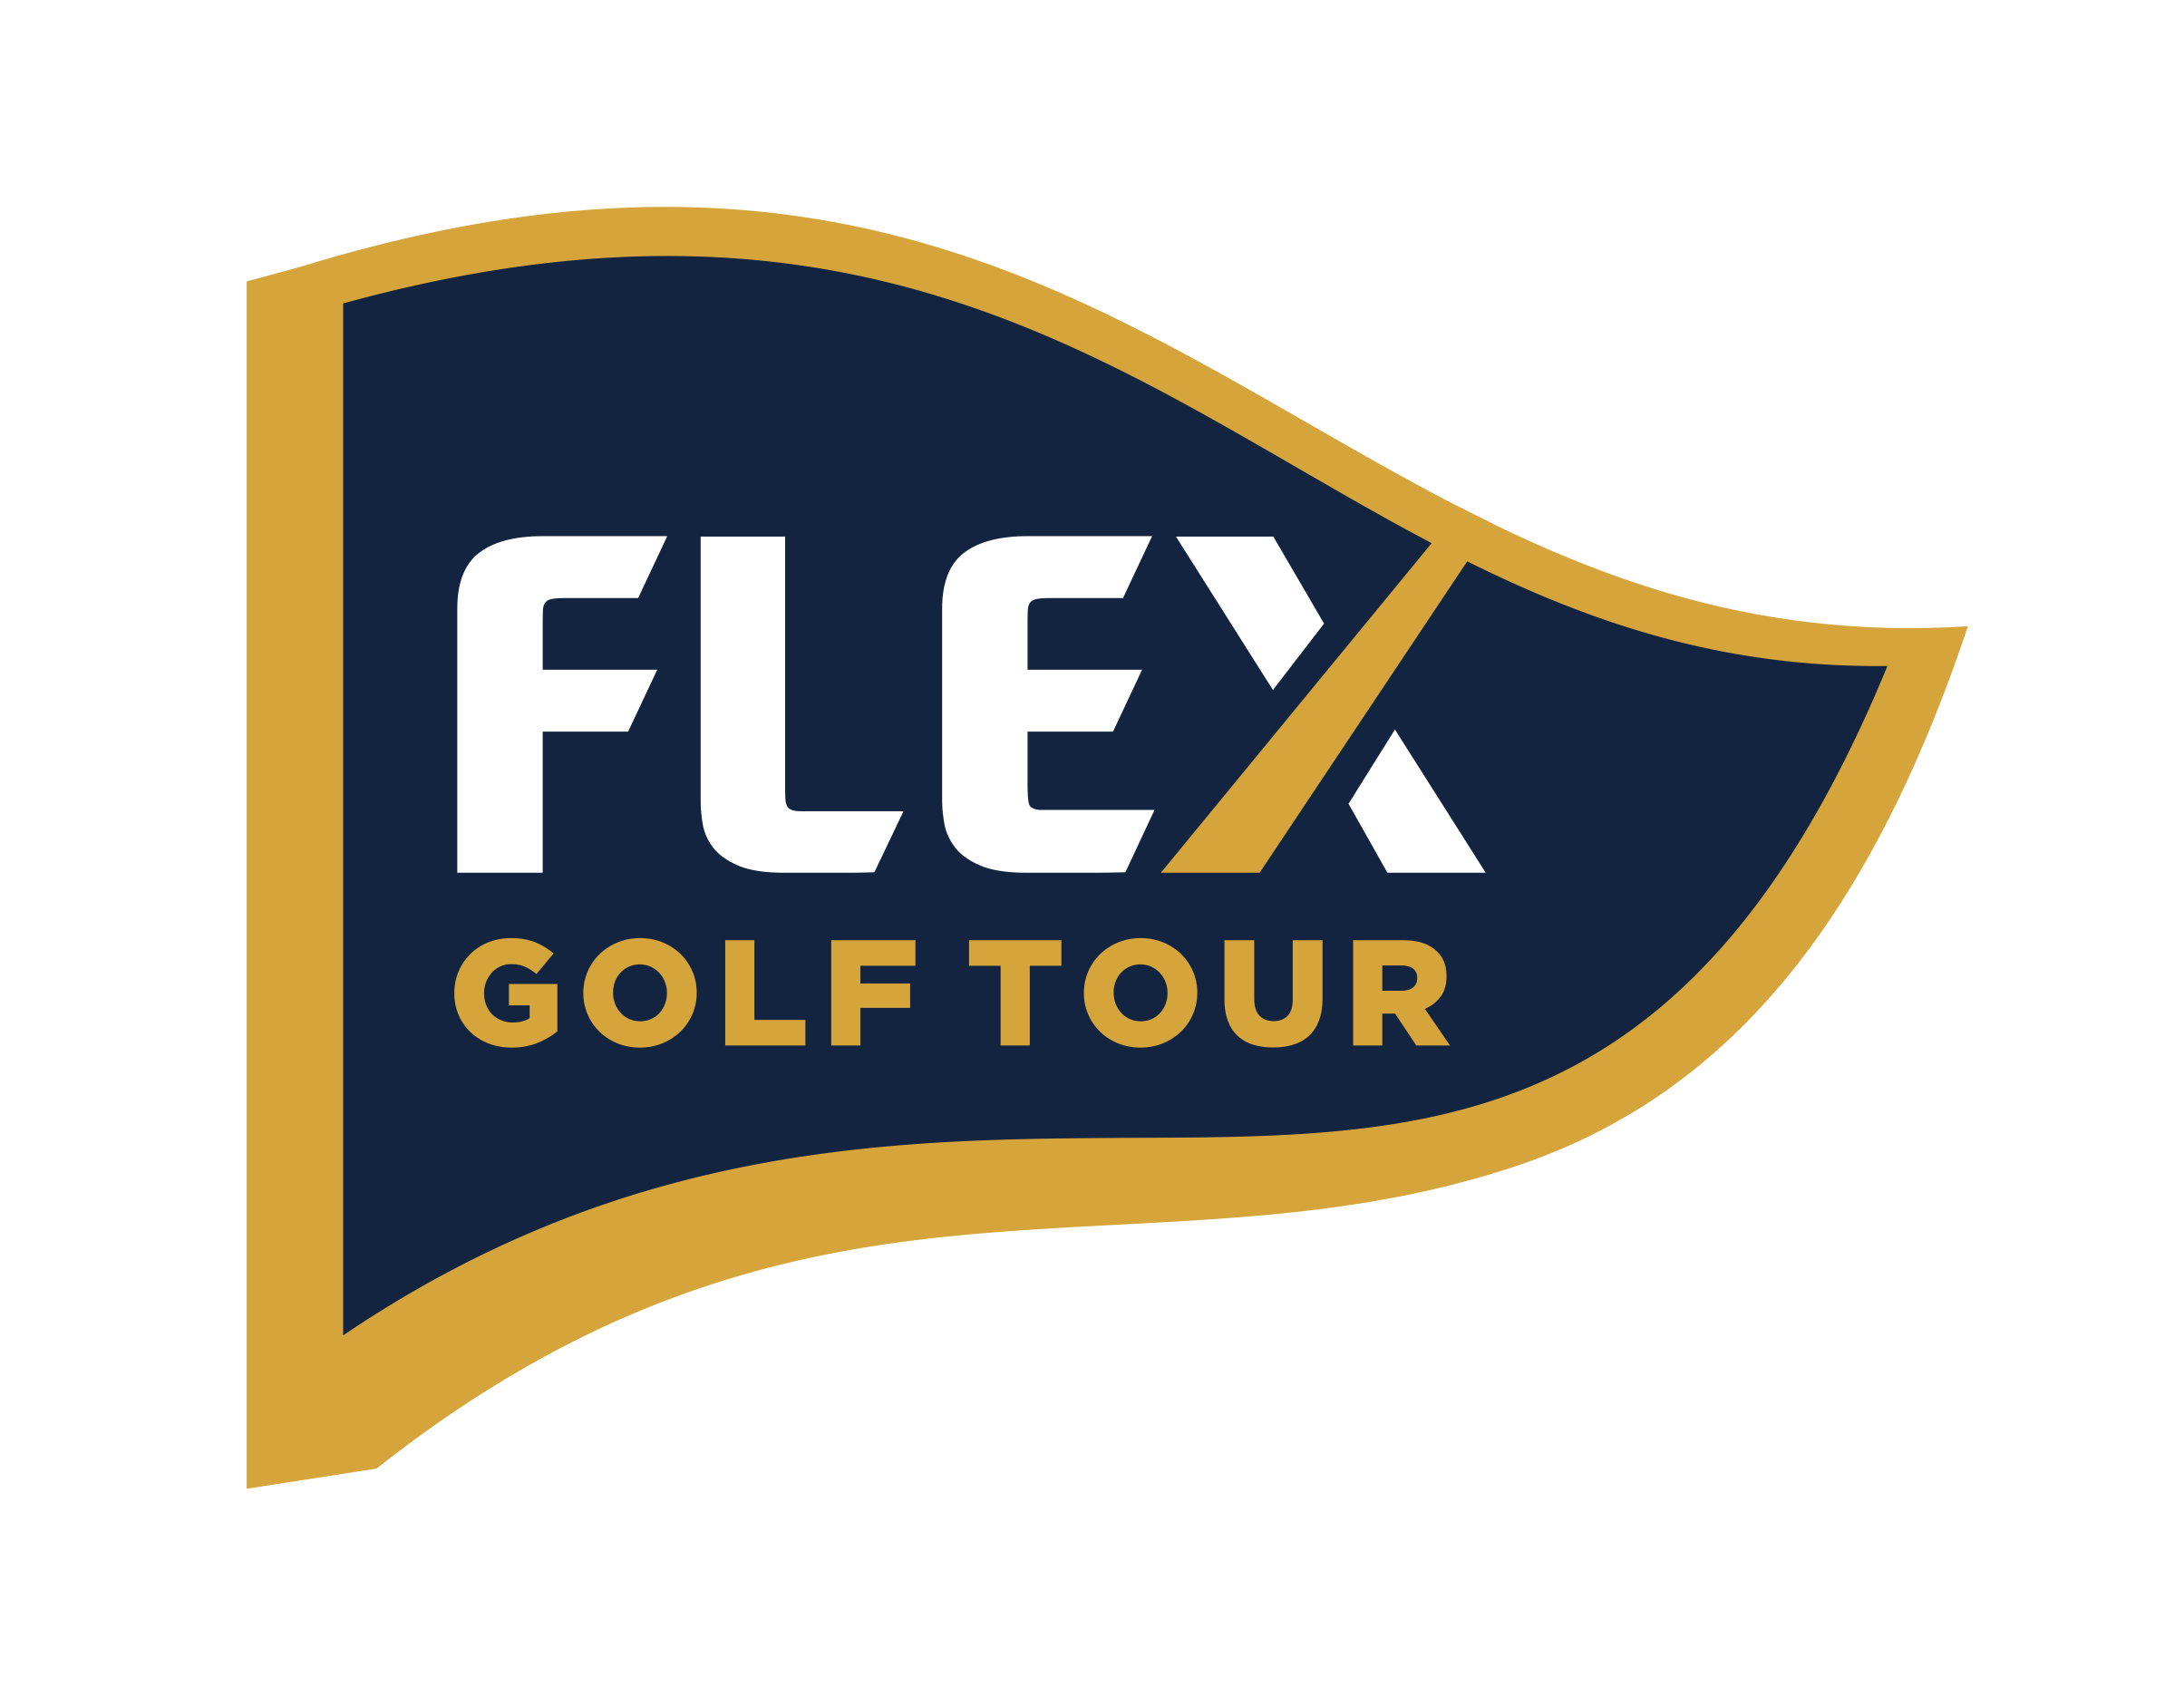 Flex Golf Tour needs a classic logo